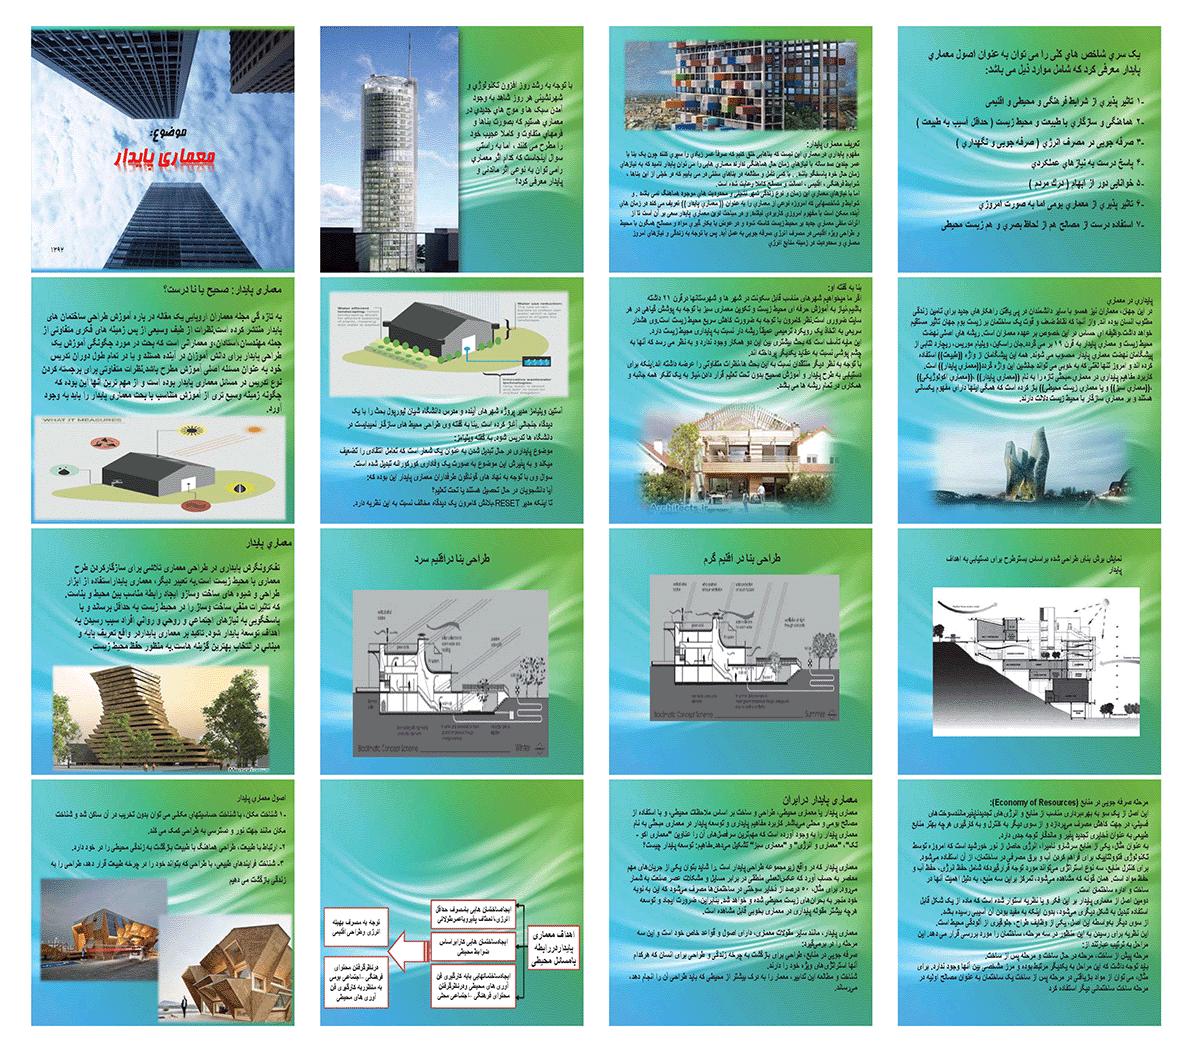 معماری-پایدار_Page_1